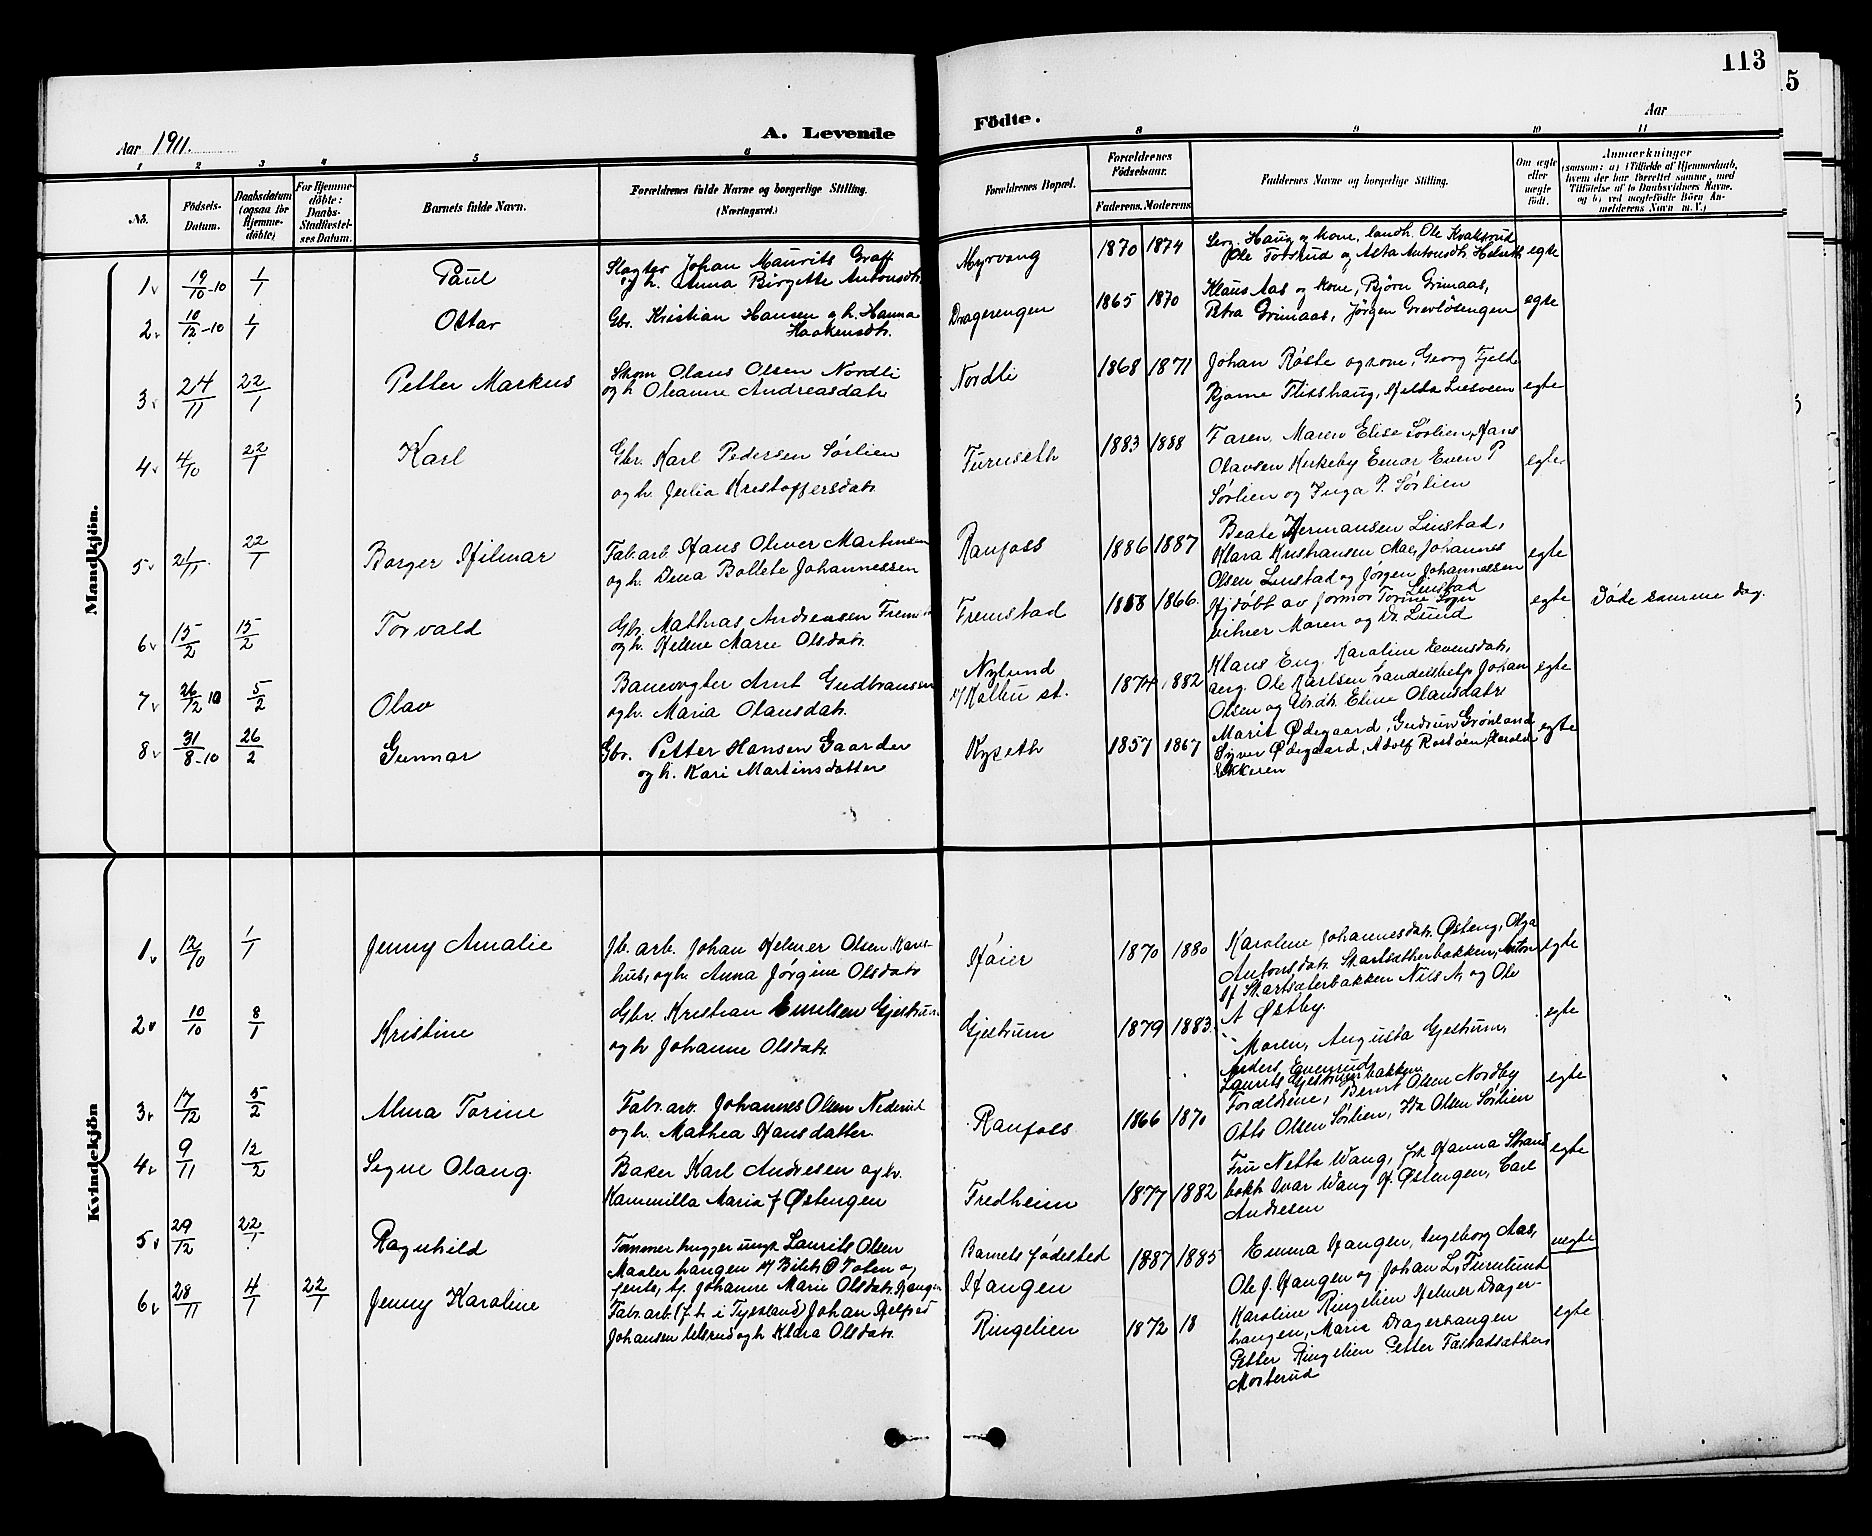 SAH, Vestre Toten prestekontor, H/Ha/Hab/L0010: Klokkerbok nr. 10, 1900-1912, s. 113